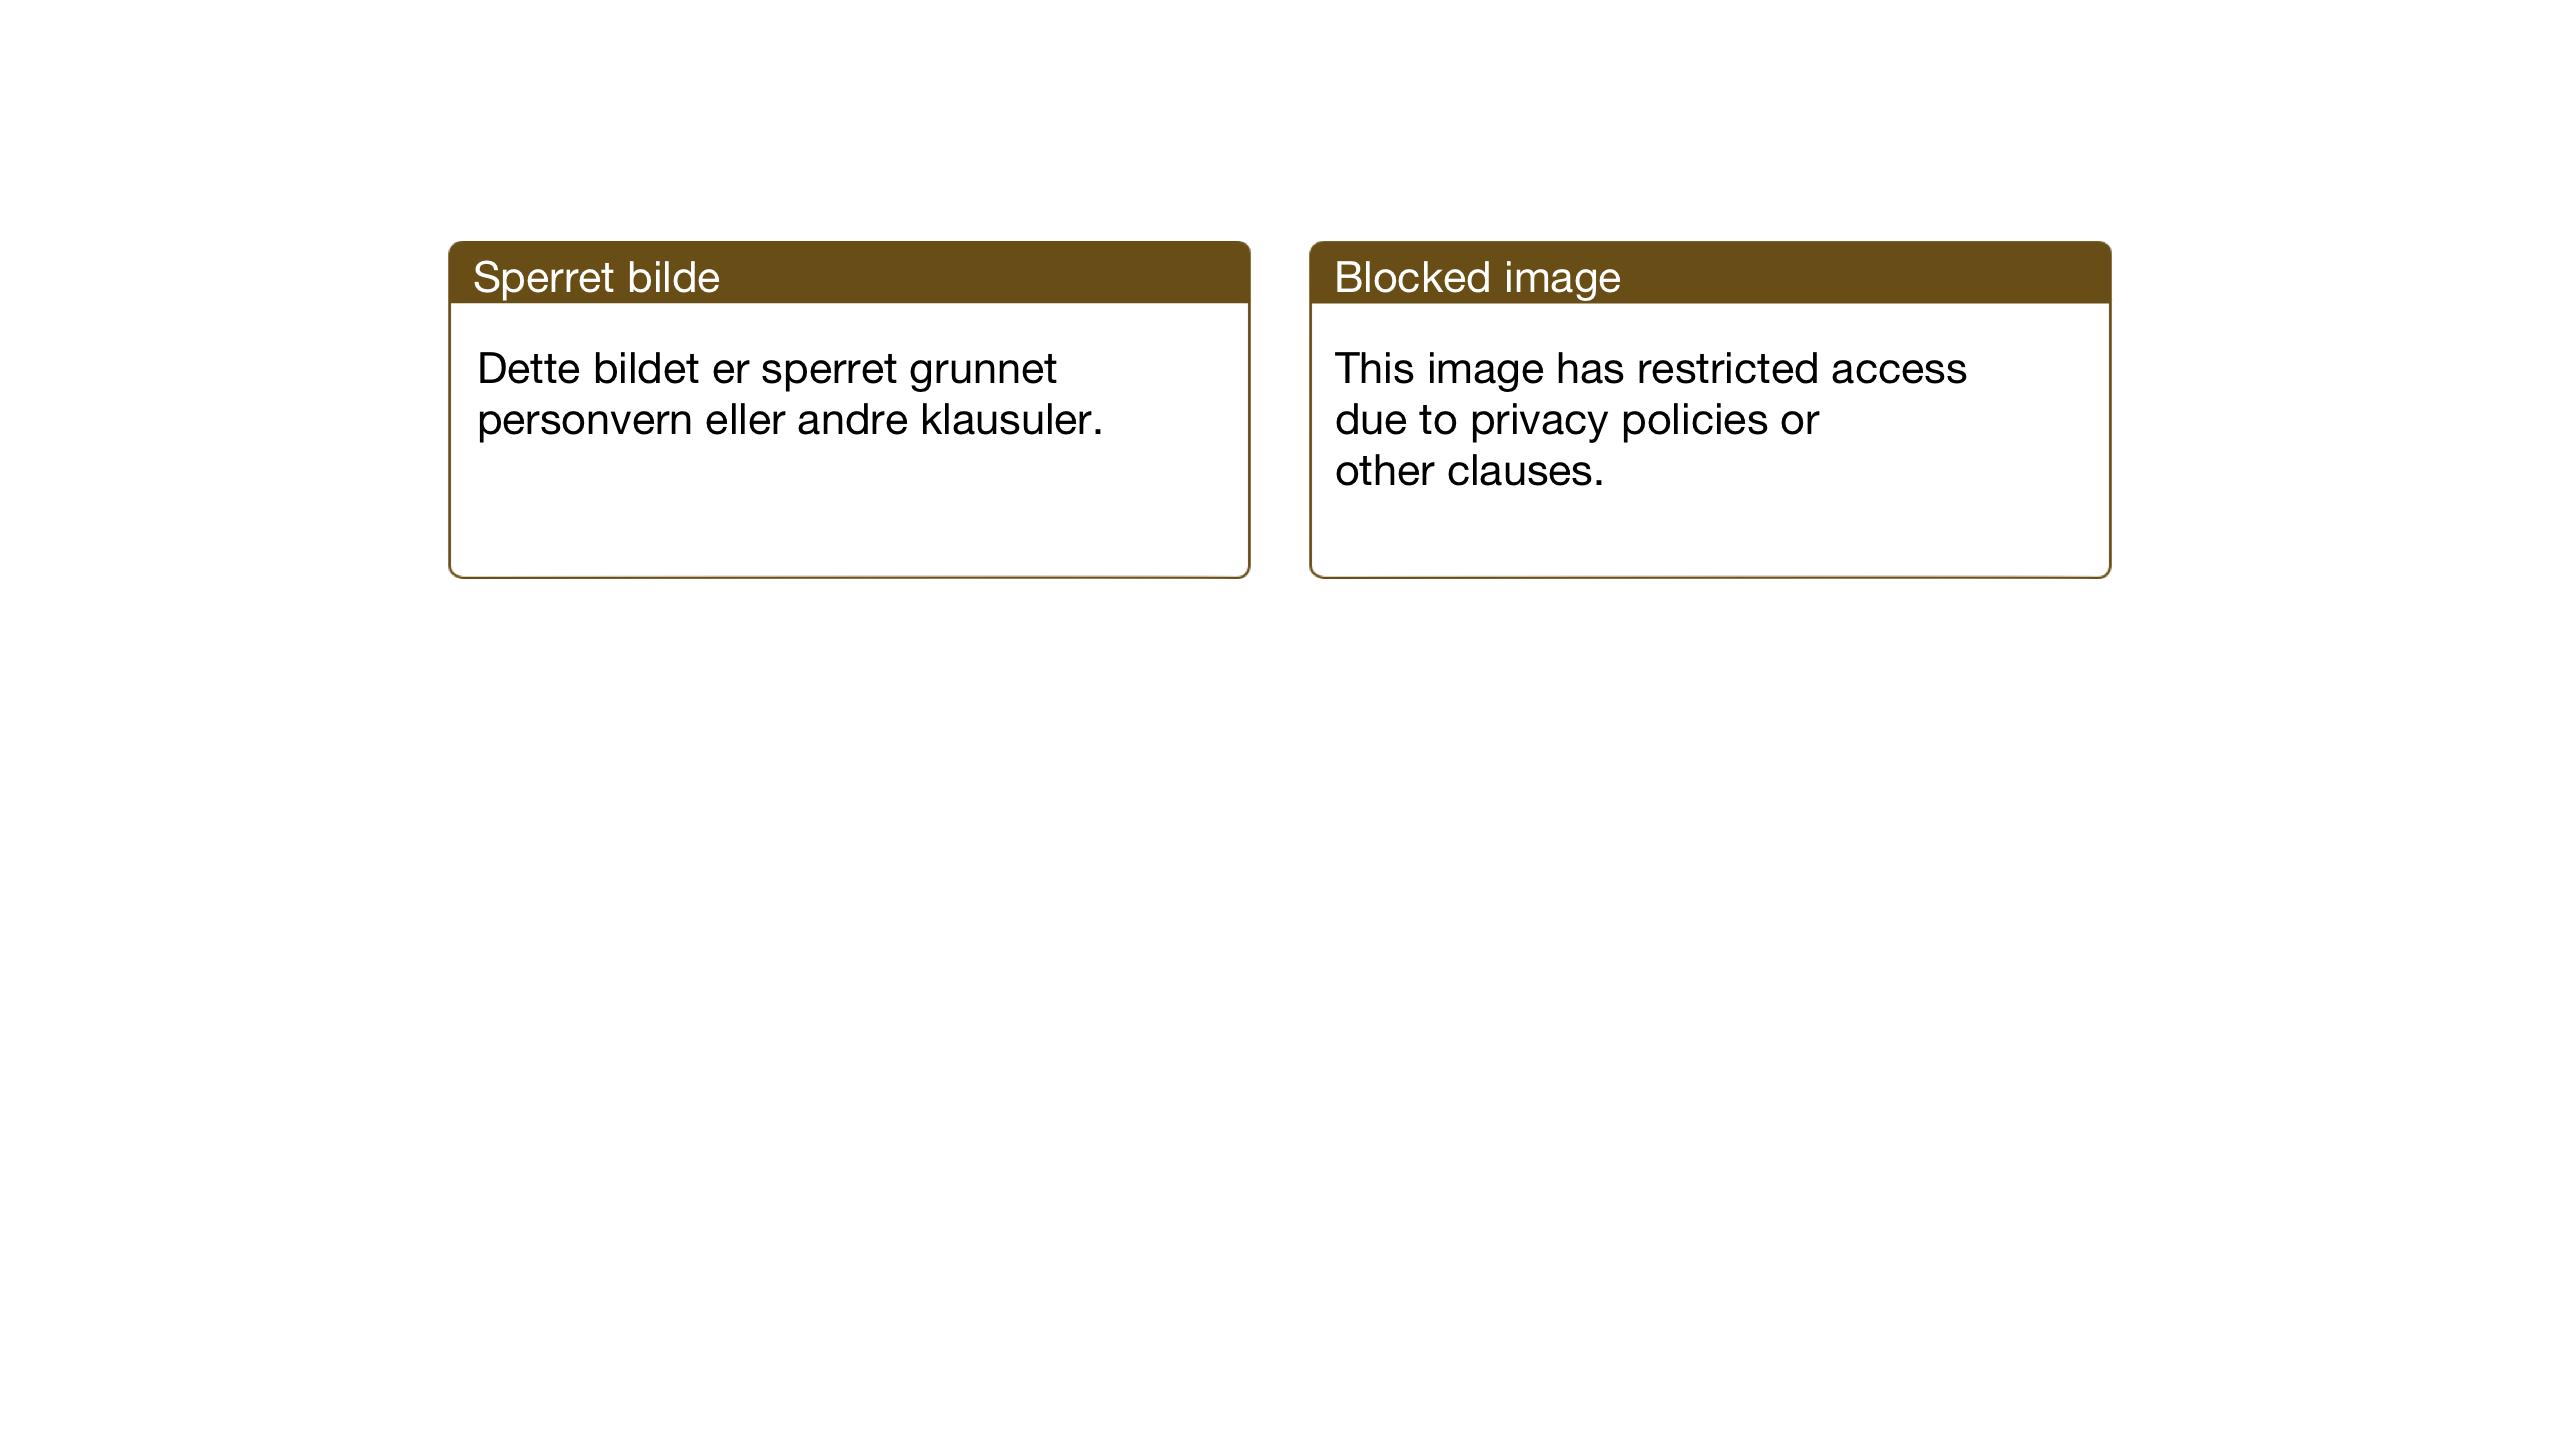 SAT, Ministerialprotokoller, klokkerbøker og fødselsregistre - Sør-Trøndelag, 602/L0120: Ministerialbok nr. 602A18, 1880-1913, s. 176